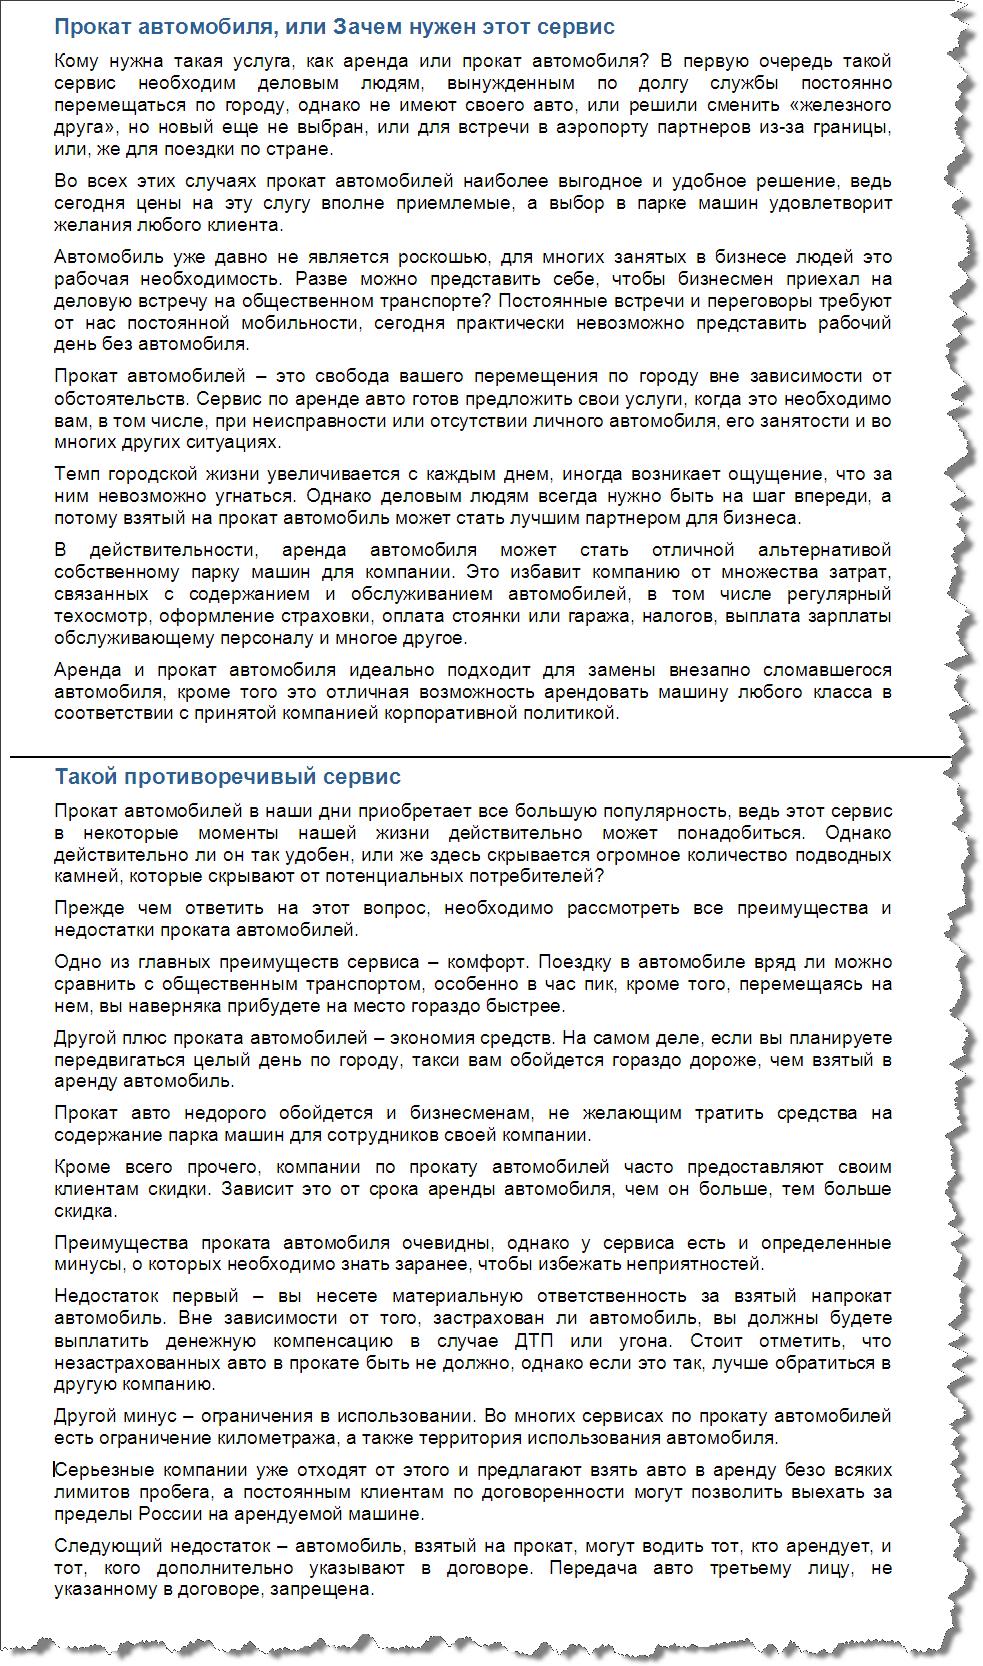 Статьи для сайта avtokoleco.ru